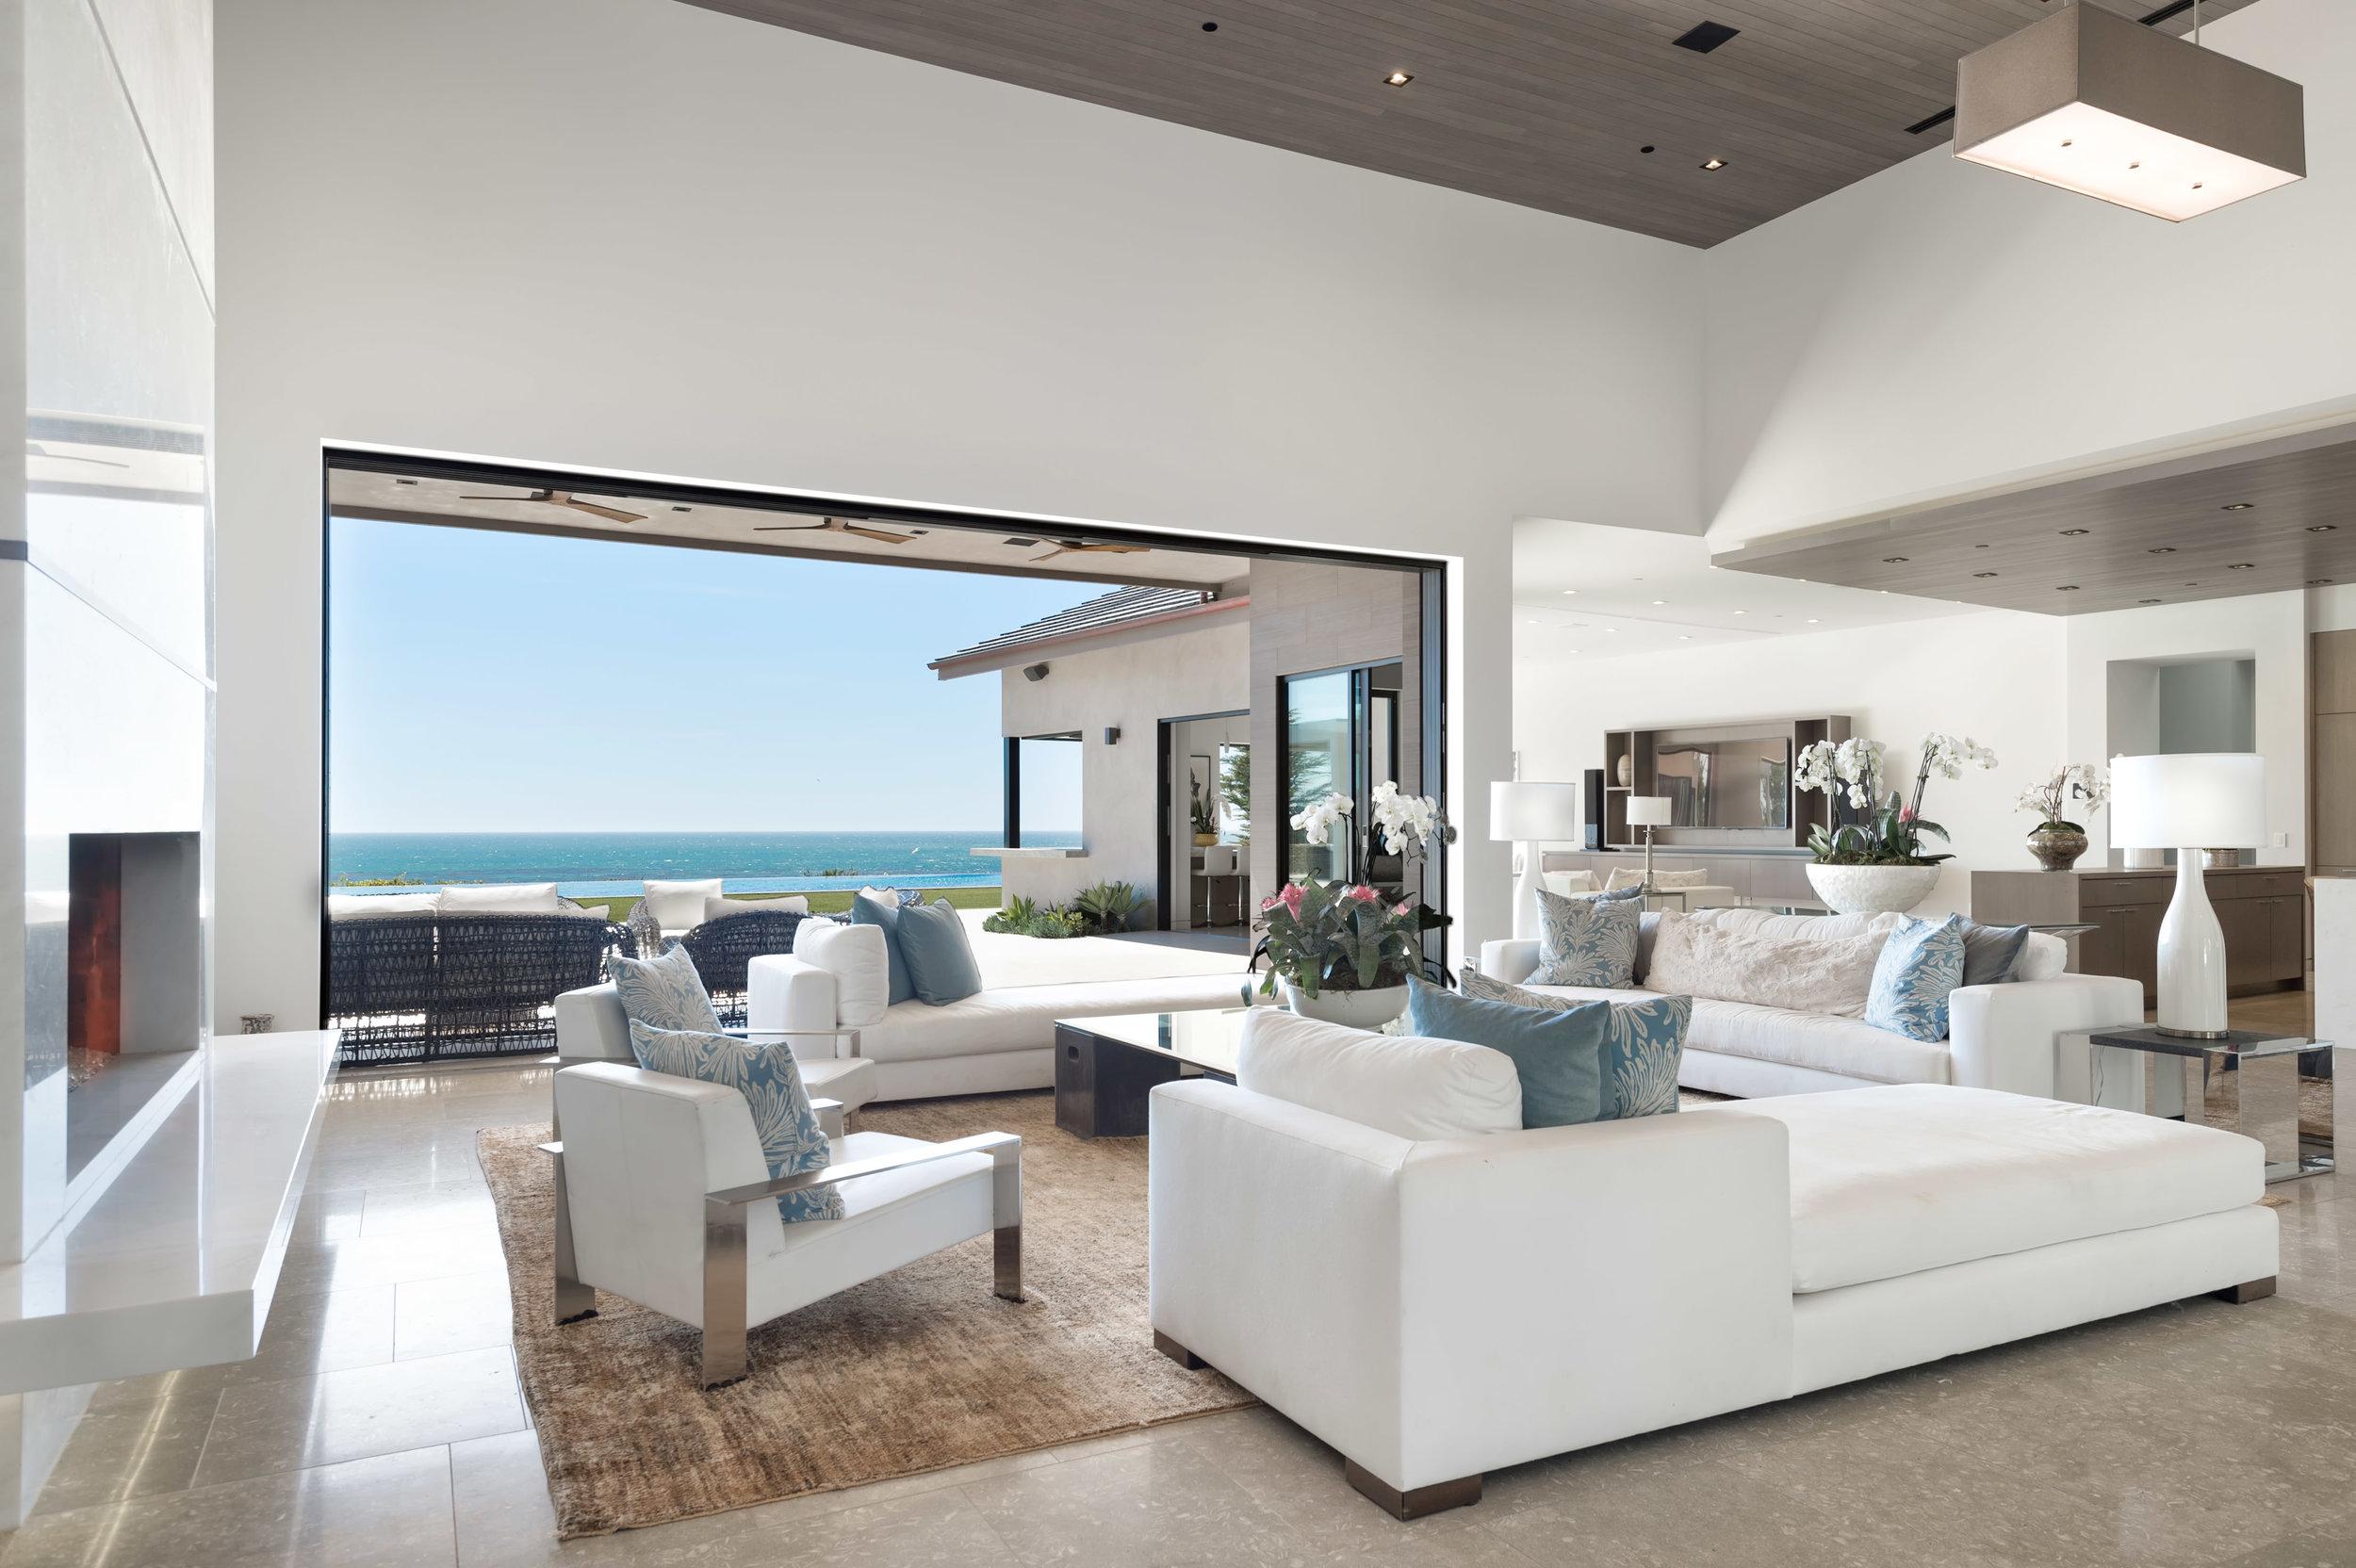 008 living room 2 11902 Ellice Street Malibu For Sale The Malibu Life Team Luxury Real Estate.jpg